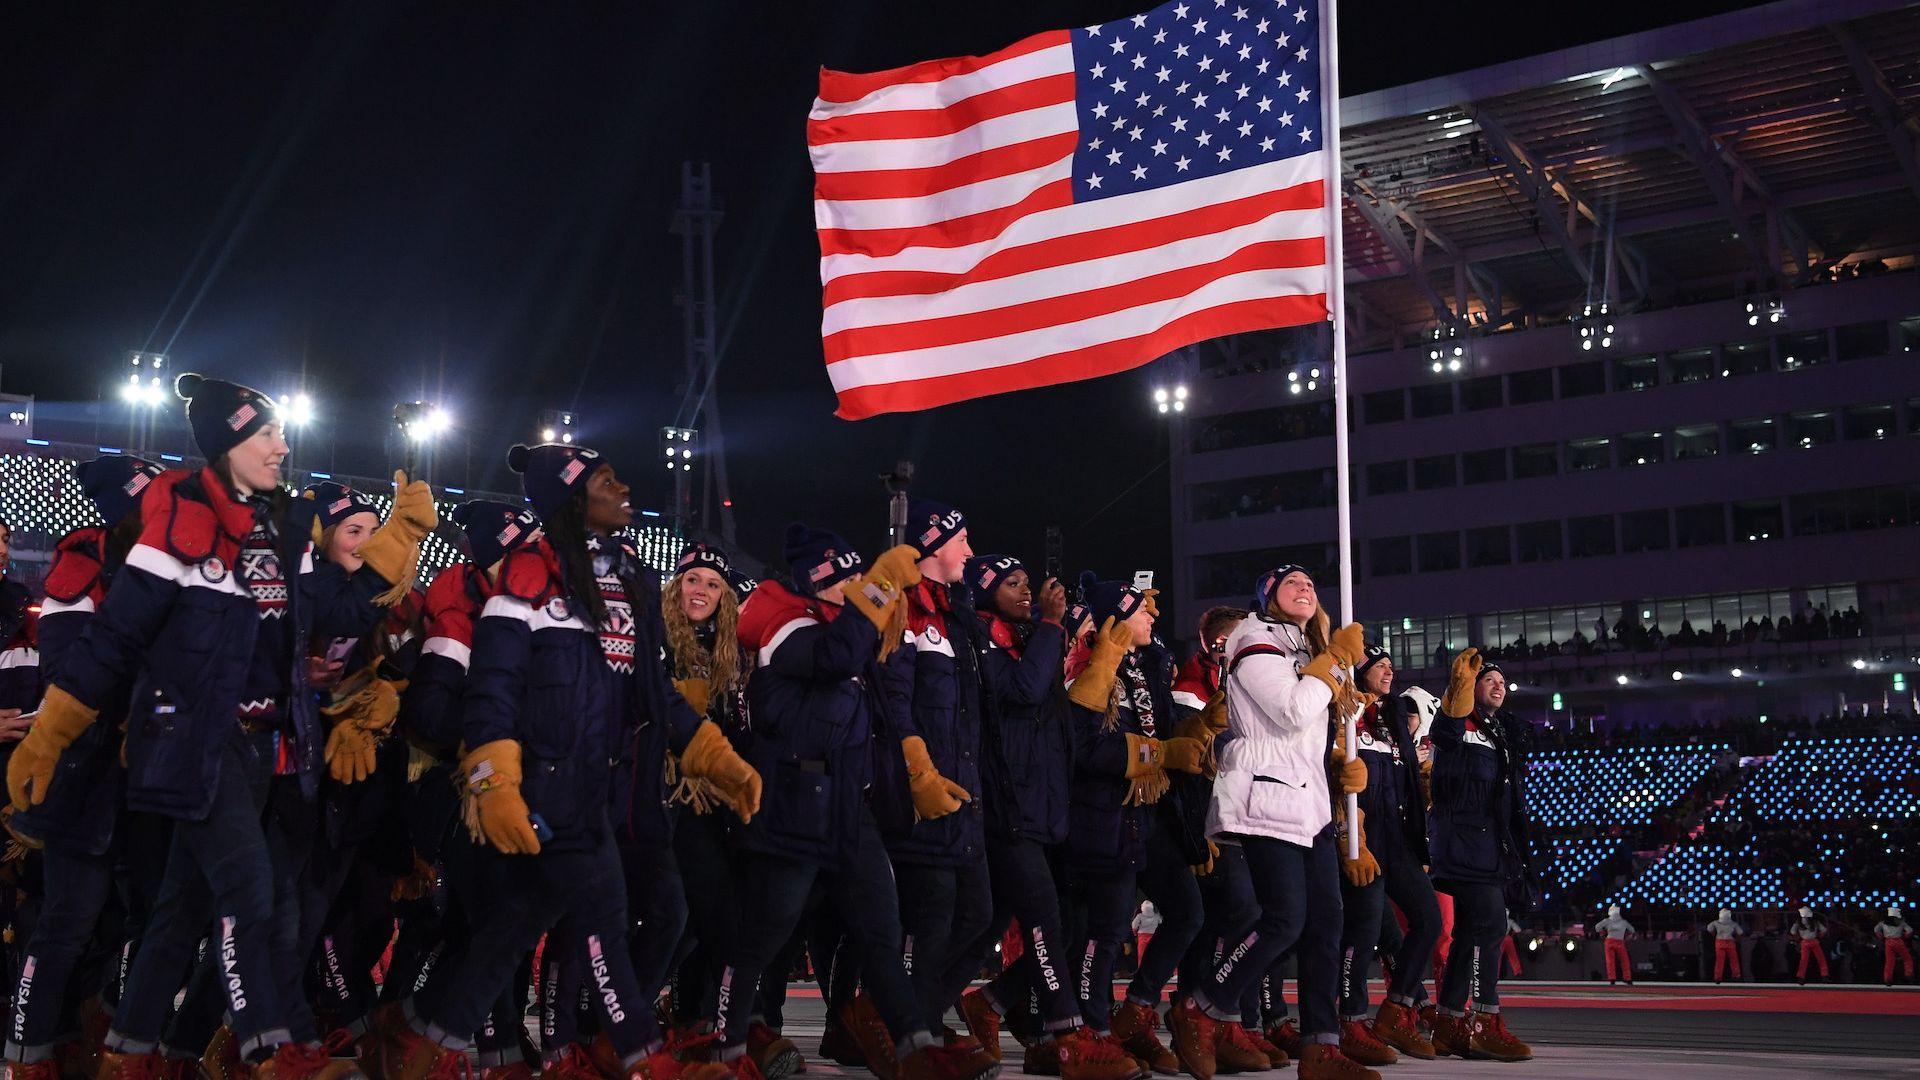 САЩ обмисля бойкот на Олимпиадата в Пекин